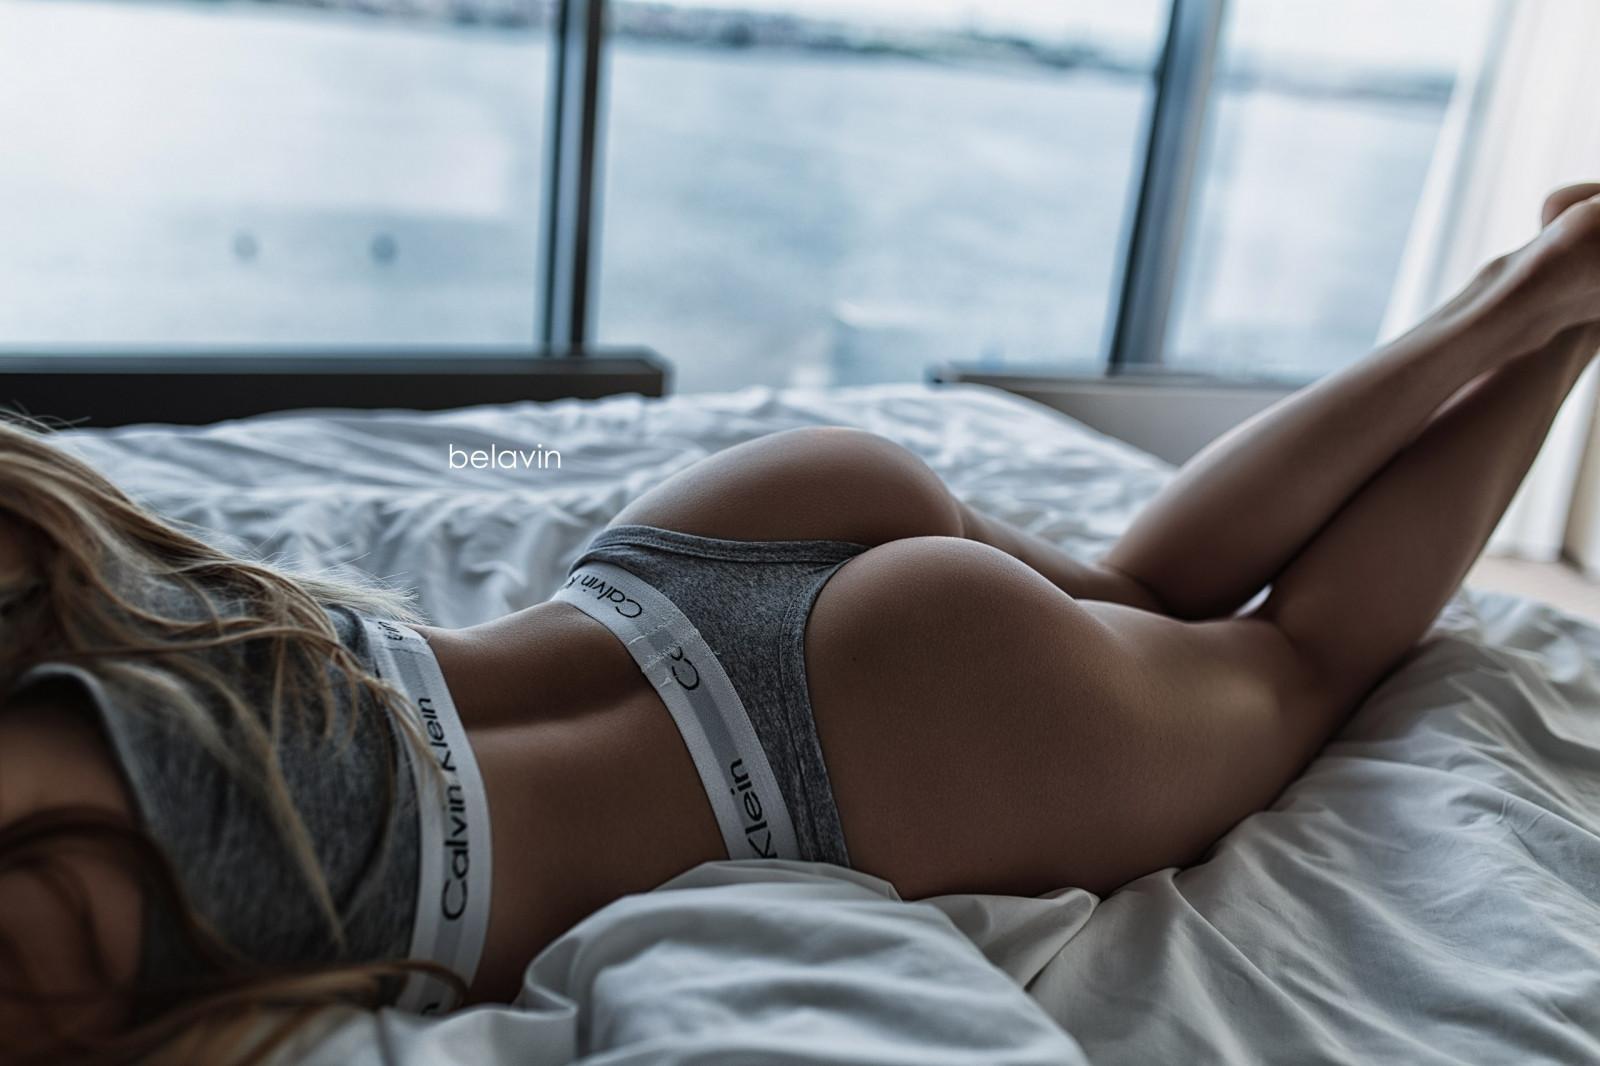 Самые красивые тела телки, Порно онлайн: Красивое тело - смотреть бесплатно 11 фотография